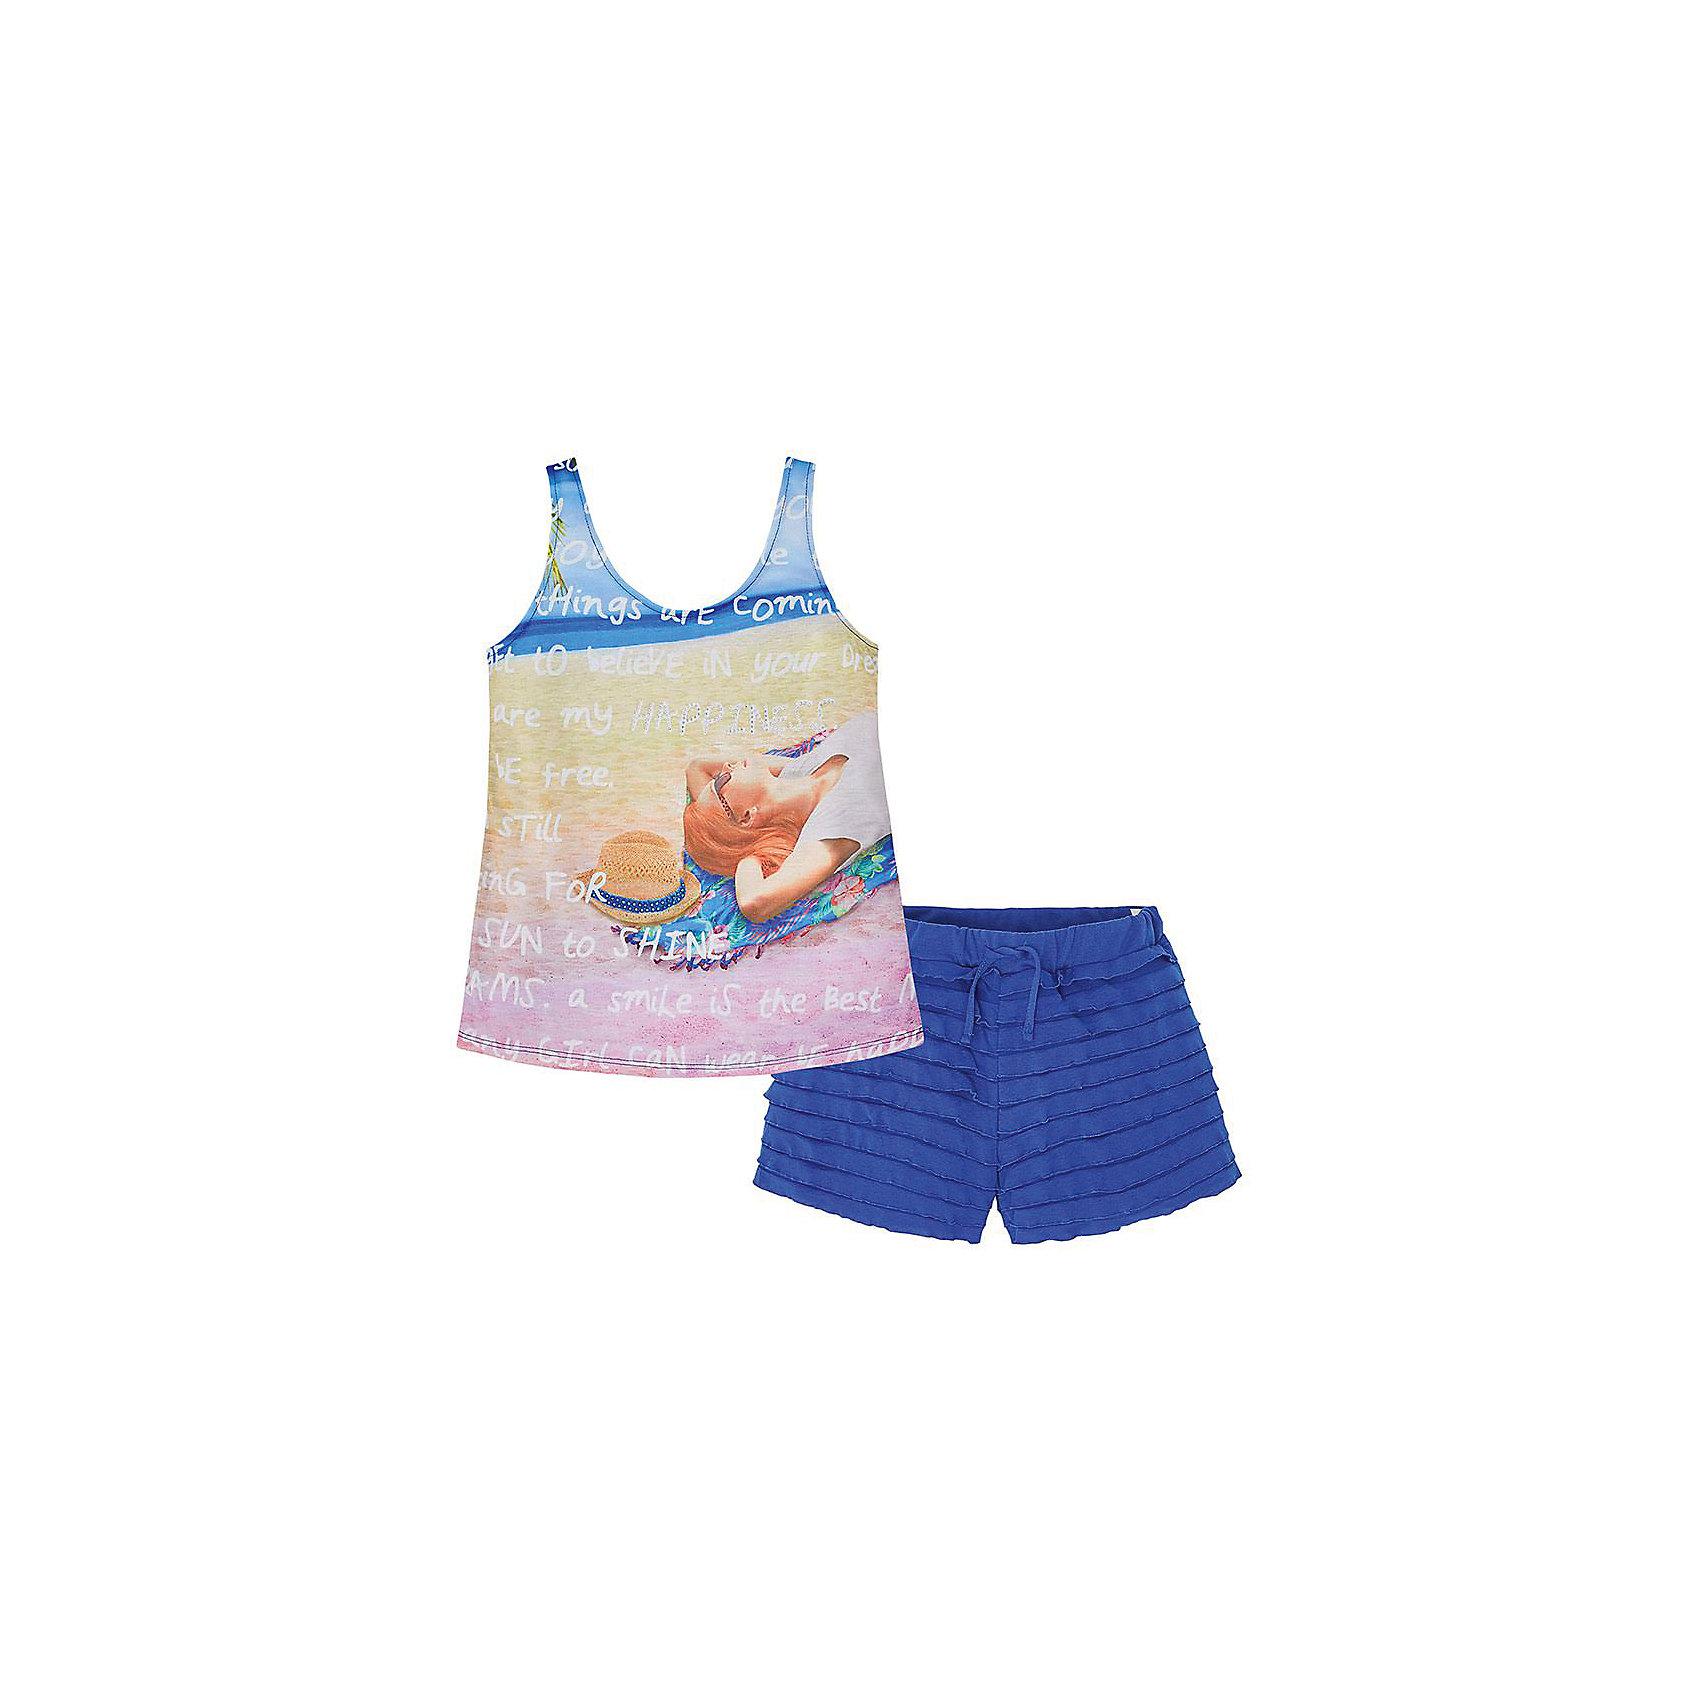 Комплект для девочки: футболка и шорты MayoralКомплект для девочки: футболка и шорты для от известной испанской марки Mayoral - идеальный вариант для жаркой погоды! <br><br>Дополнительная информация:<br><br>- Приятная к телу ткань. <br>- Округлый вырез горловины.<br>- Футболка с бантом и небольшим кокетливым вырезом на спине. <br>- Шорты с оборками. <br>- На эластичном поясе с кулиской. <br>- Футболка декорирована актуальным печатным принтом. <br>- Состав: 100% полиэстер.<br><br><br>Комплект для девочки: футболка и шорты Mayoral (Майорал) можно купить в нашем магазине.<br><br>Ширина мм: 199<br>Глубина мм: 10<br>Высота мм: 161<br>Вес г: 151<br>Цвет: синий<br>Возраст от месяцев: 156<br>Возраст до месяцев: 1188<br>Пол: Женский<br>Возраст: Детский<br>Размер: 164,140,170,158,152,128<br>SKU: 4538423